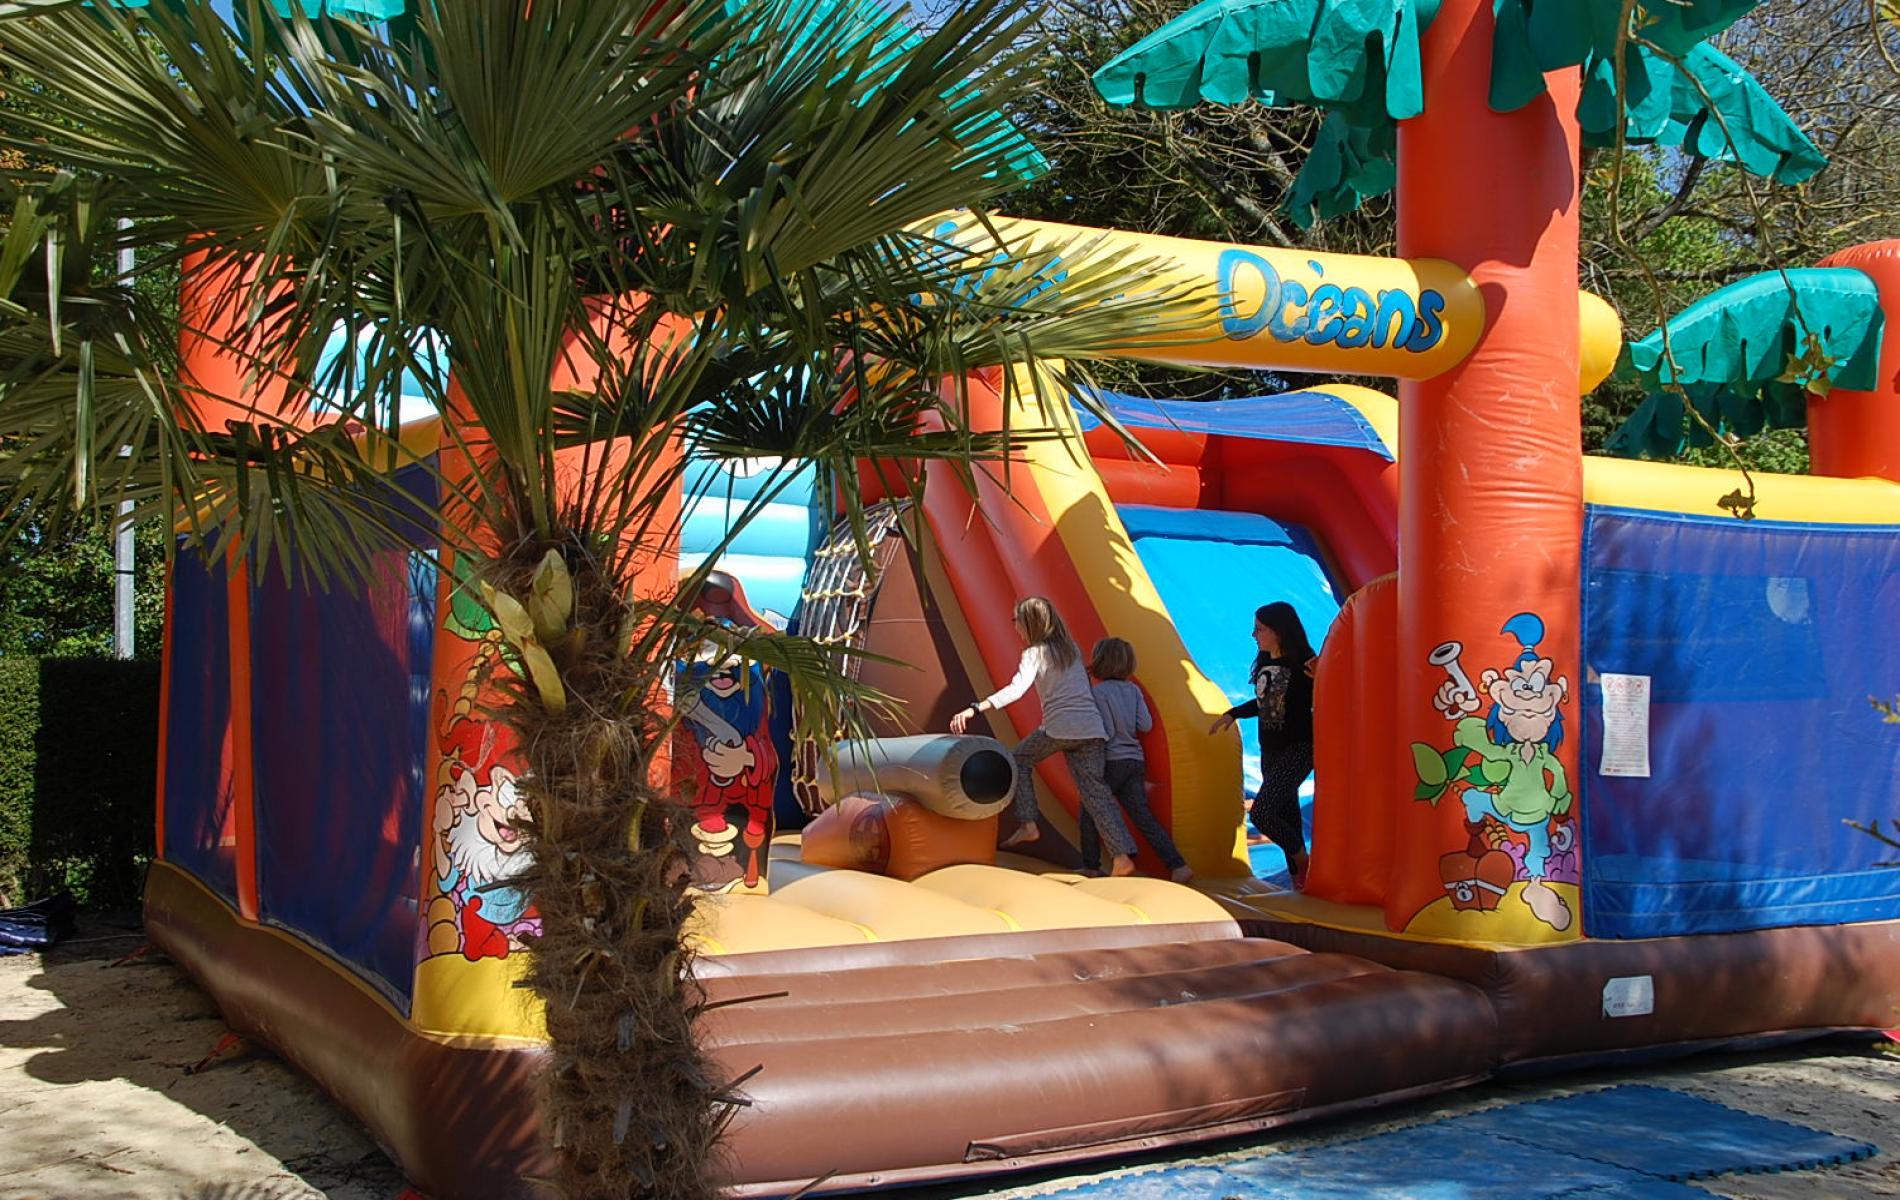 Aires de jeux pour les enfants de tous ages